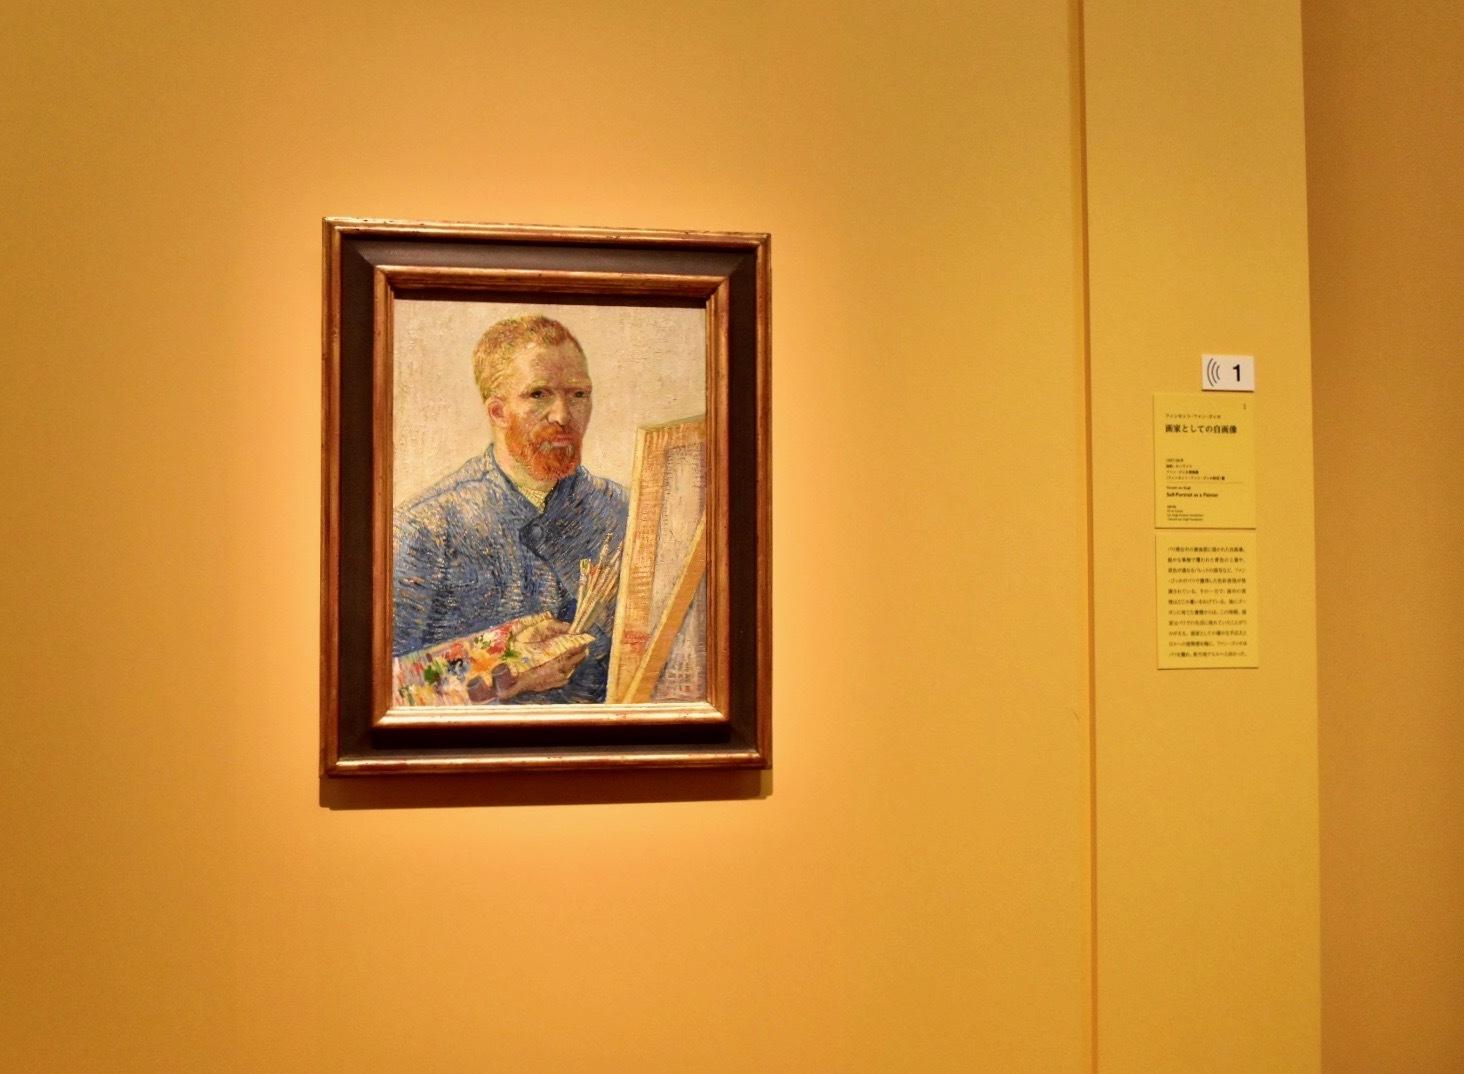 フィンセント・ファン・ゴッホ 画家としての自画像 ファン・ゴッホ美術館(フィンセント・ファン・ゴッホ財団)